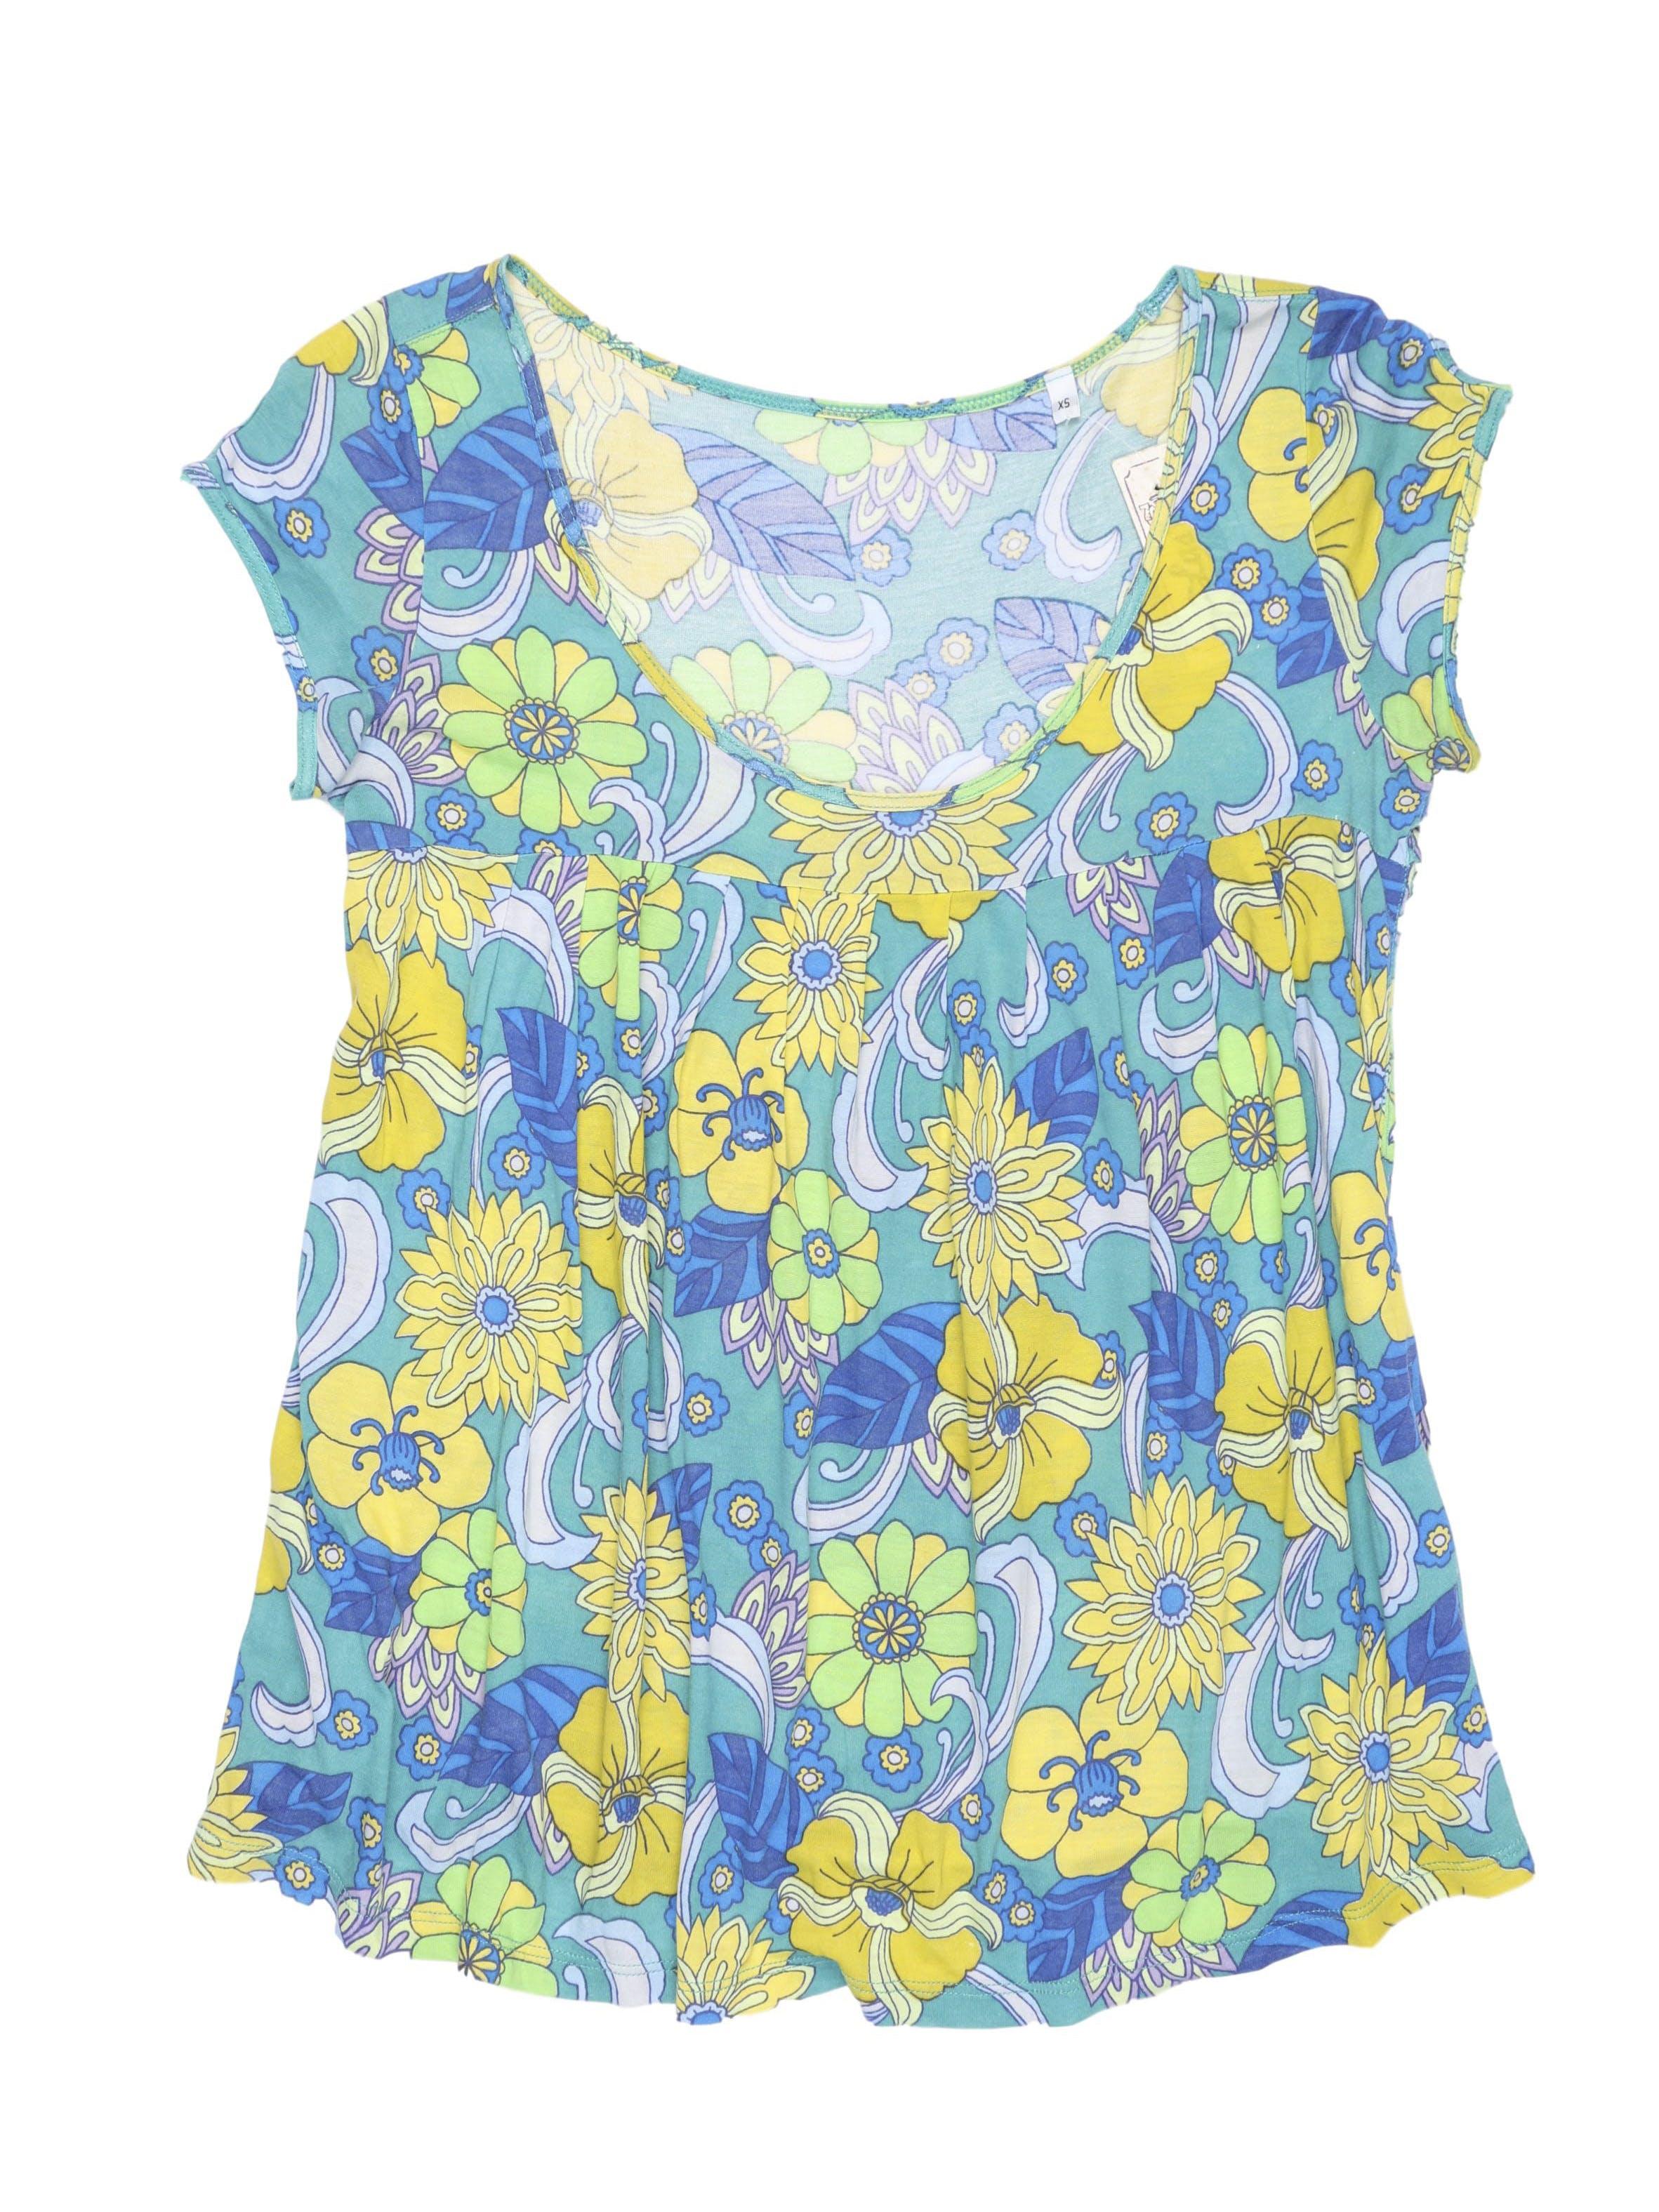 Polo con estampado de flores amarillas, azules y verdes, corte debajo del busto con pliegues. Busto 88 cm.